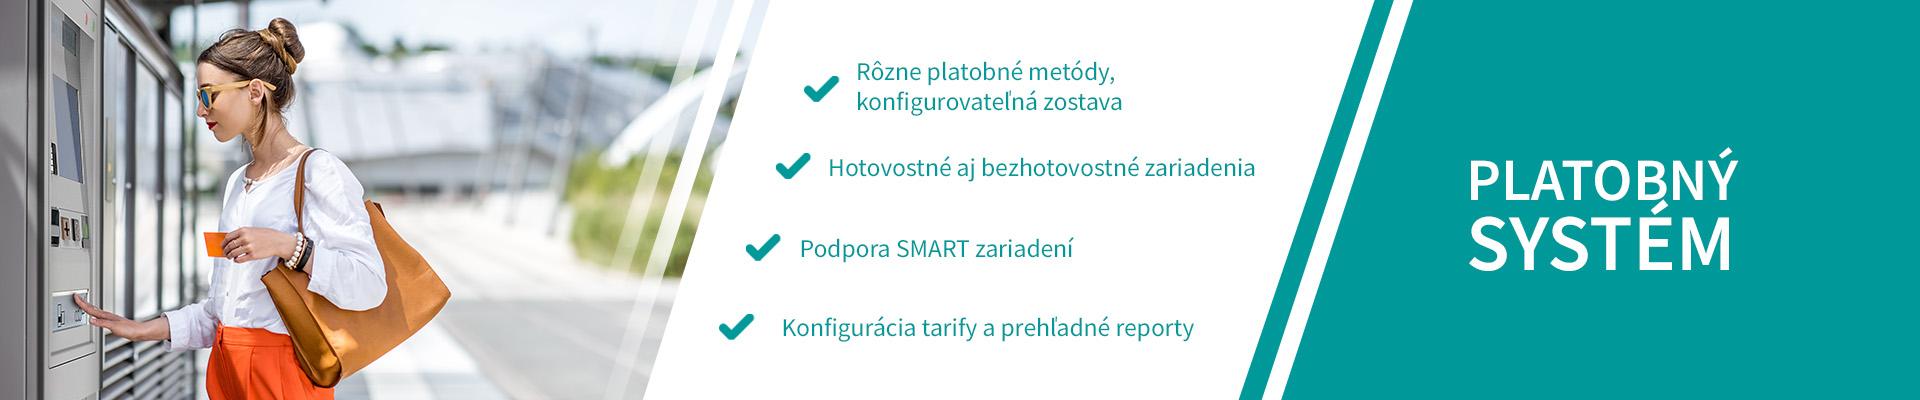 platobny_system_01_sk